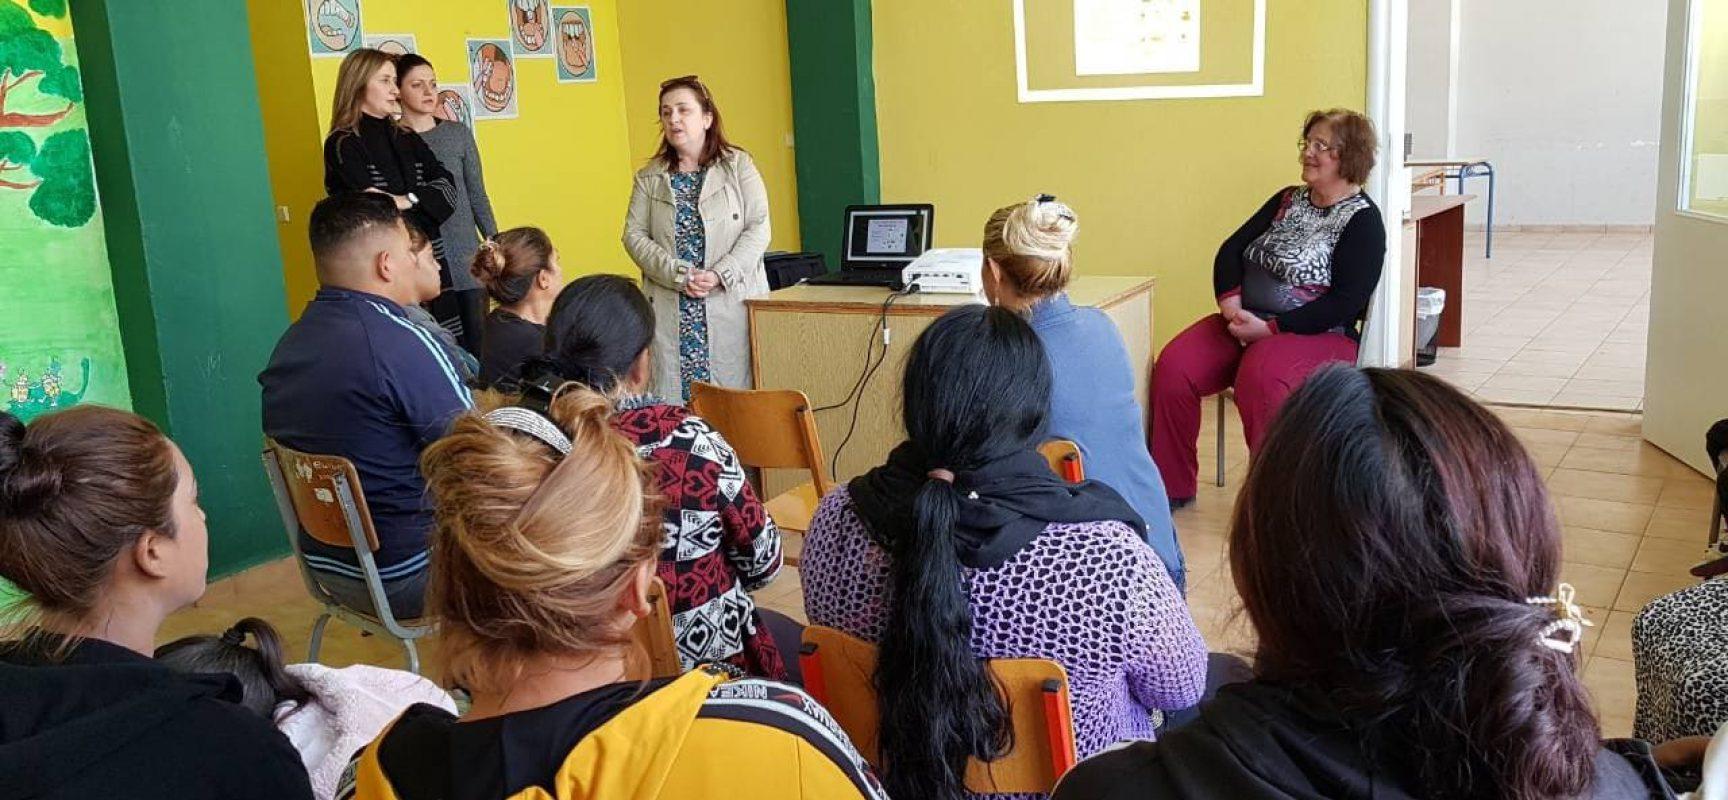 Ενημέρωση για τη Στοματική Υγιεινή  στο Παράρτημα Ρομά του Κέντρου Κοινότητας του Δήμου Σοφάδων